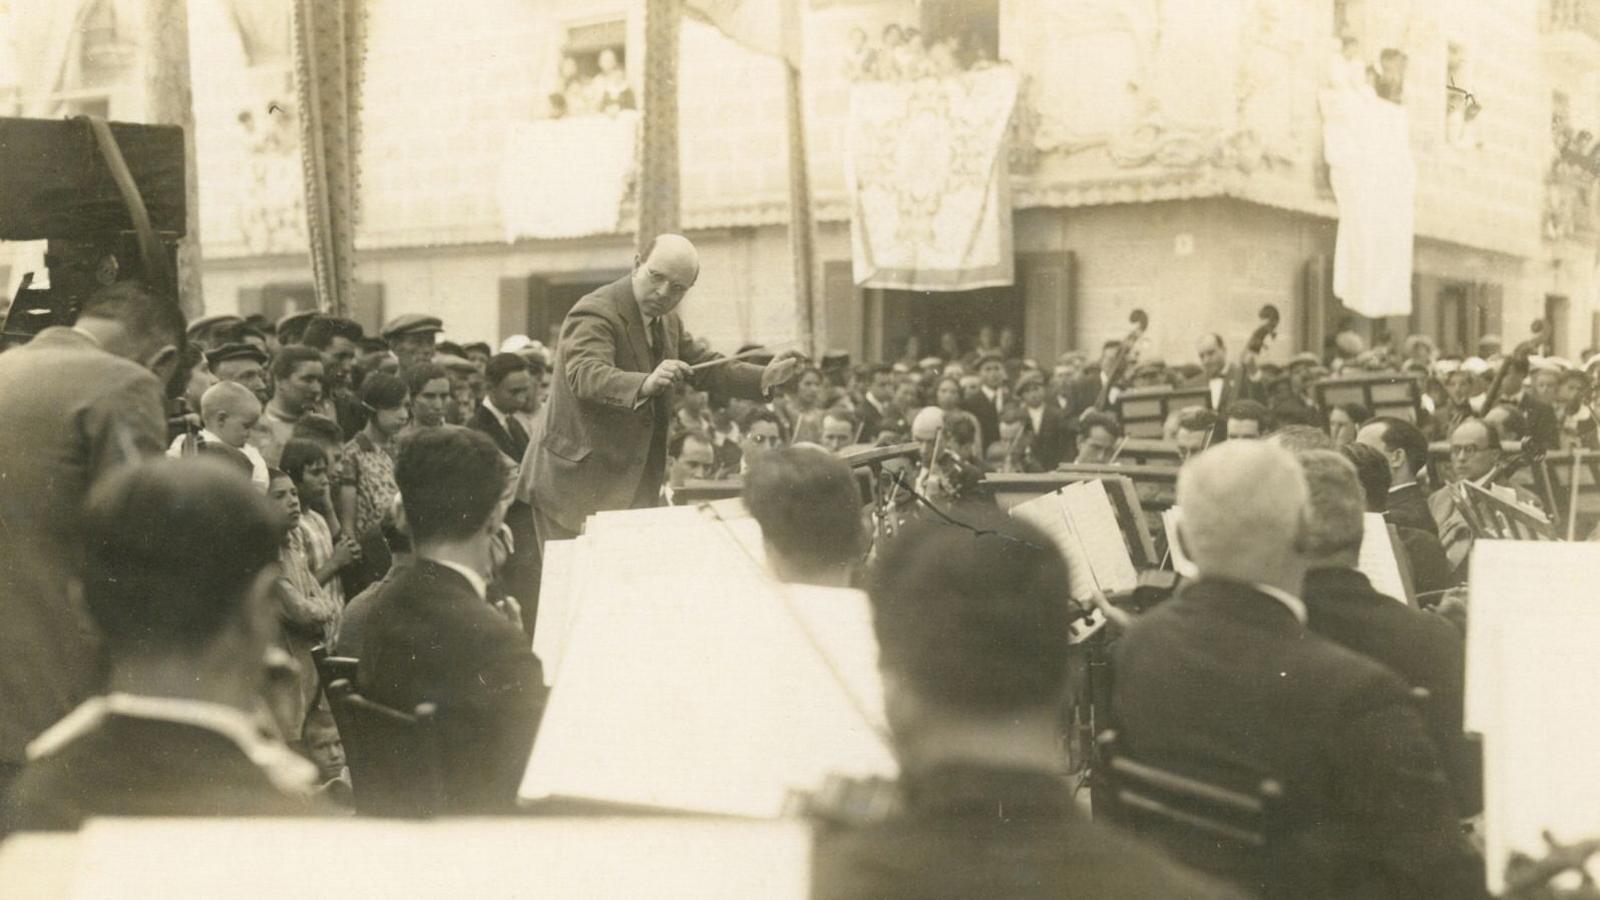 El concert del Vendrell del 10 de juliol de 1927